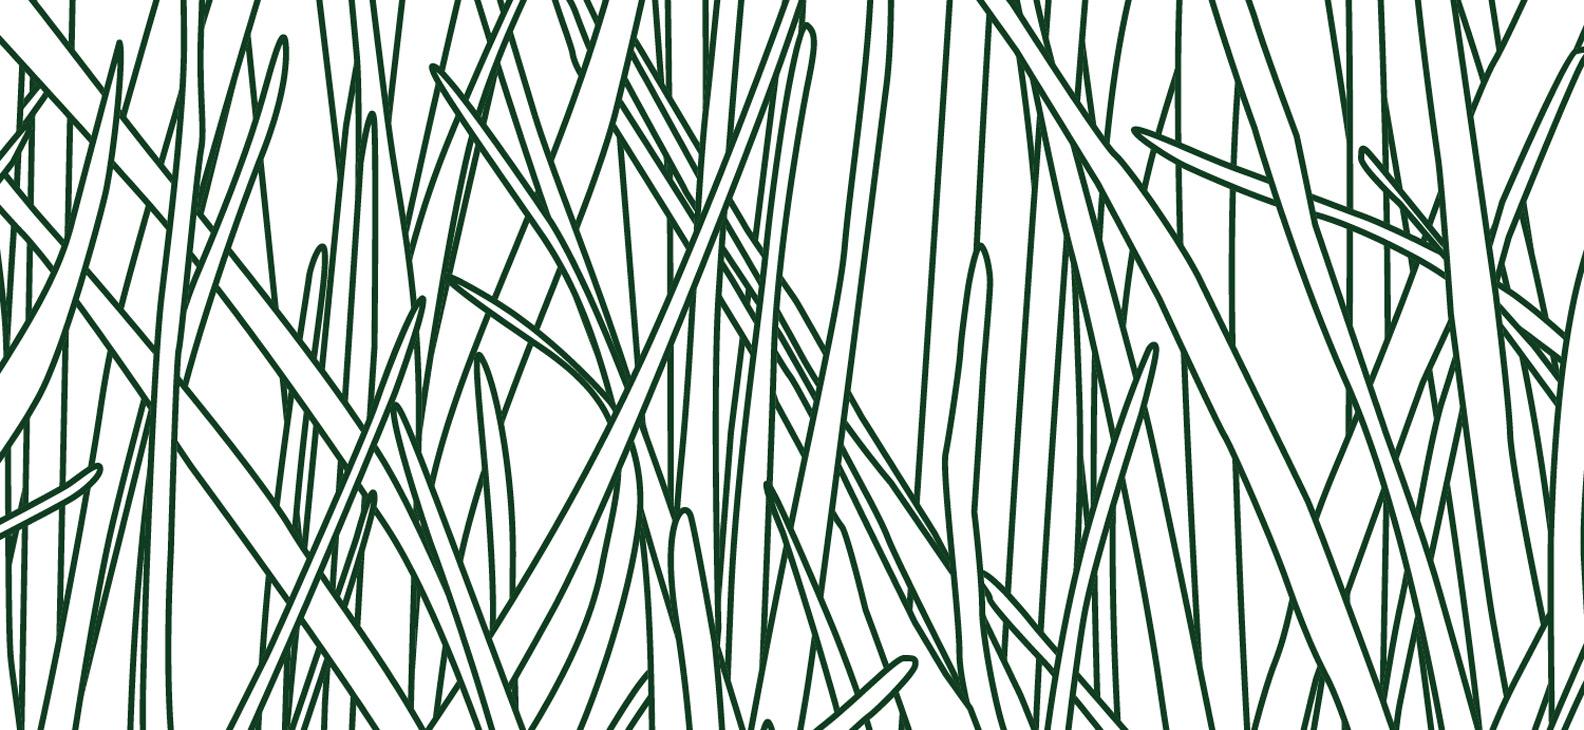 Papier Peint Ressource, Collection Faune & Flore, Motif Herbes Folles, Variation HF08